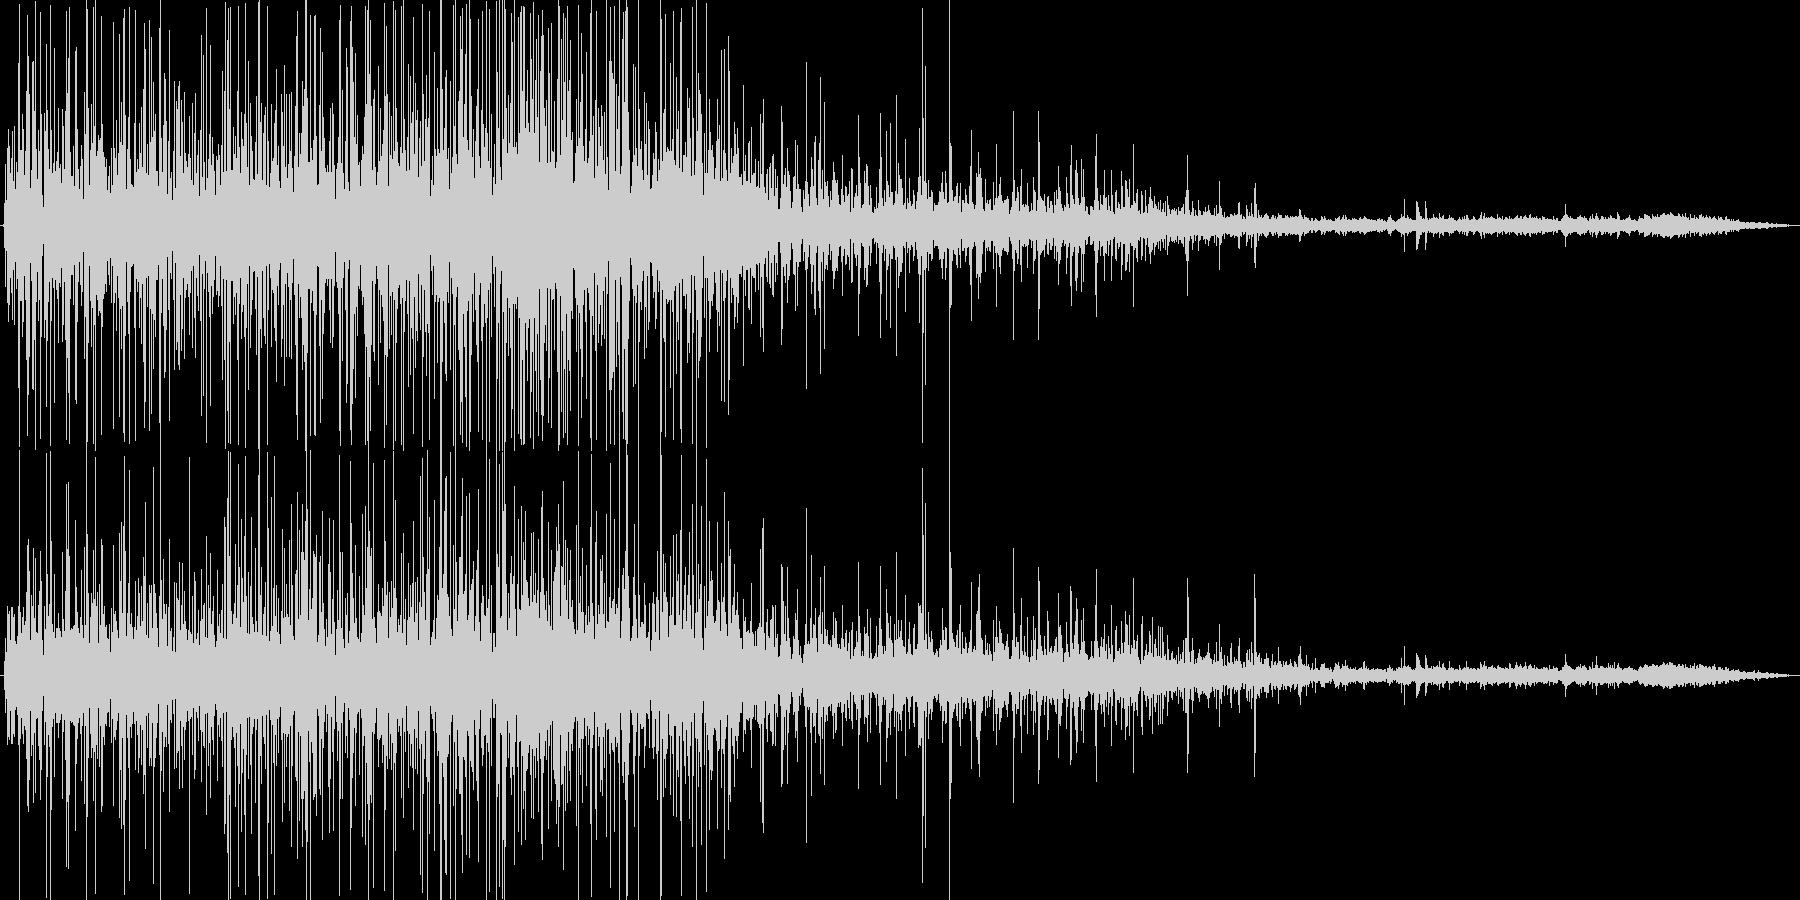 揚げ物の音の未再生の波形